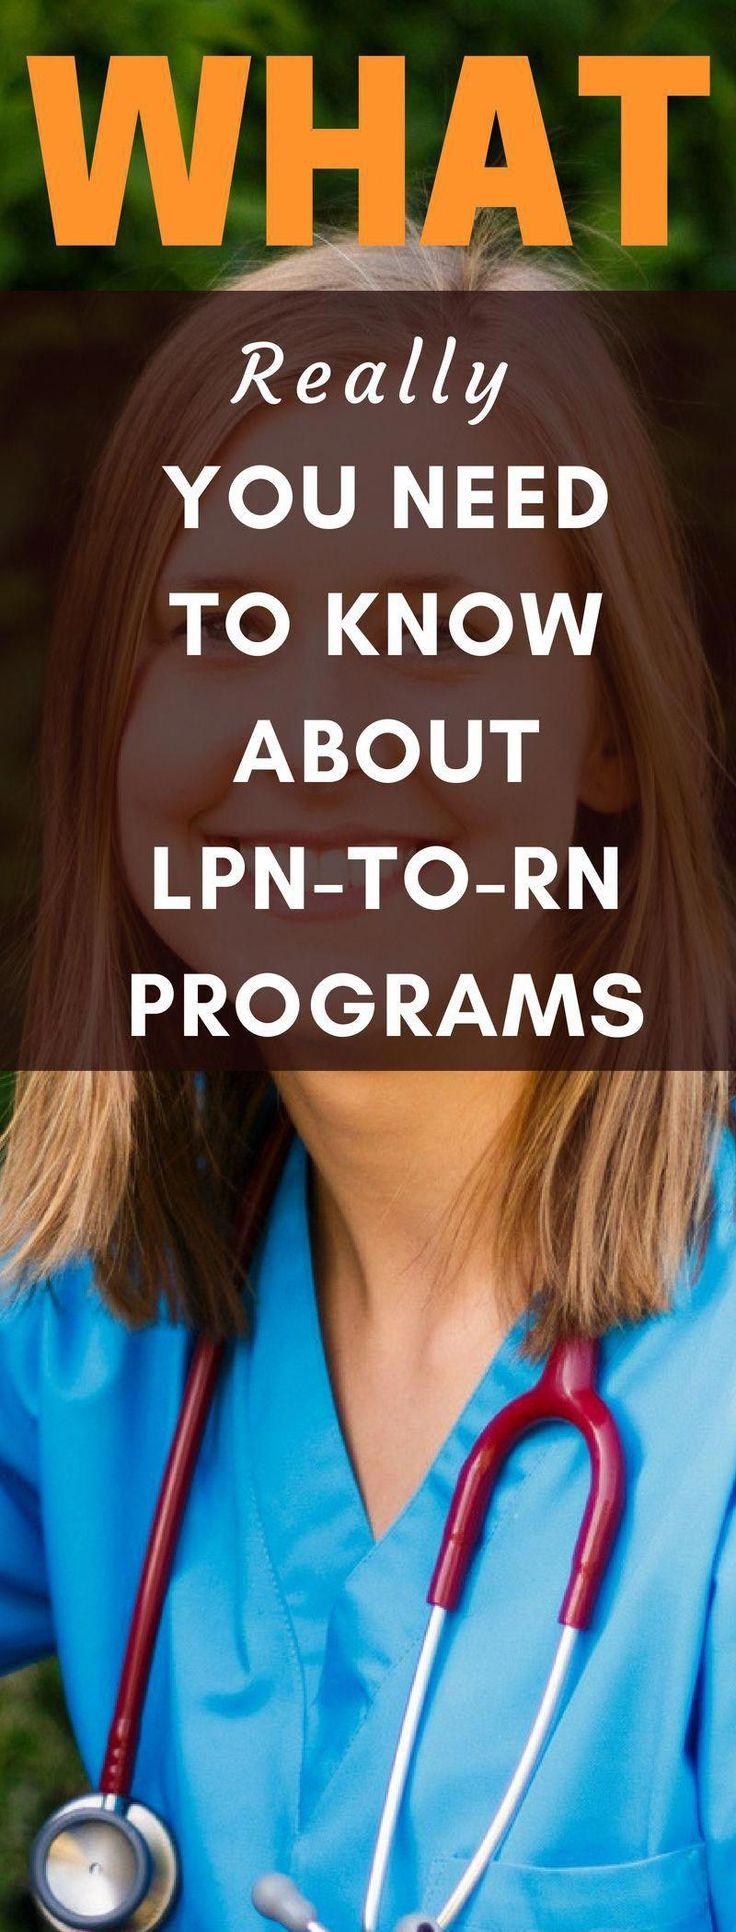 lpn classes near me lpnclasses (With images) Rn